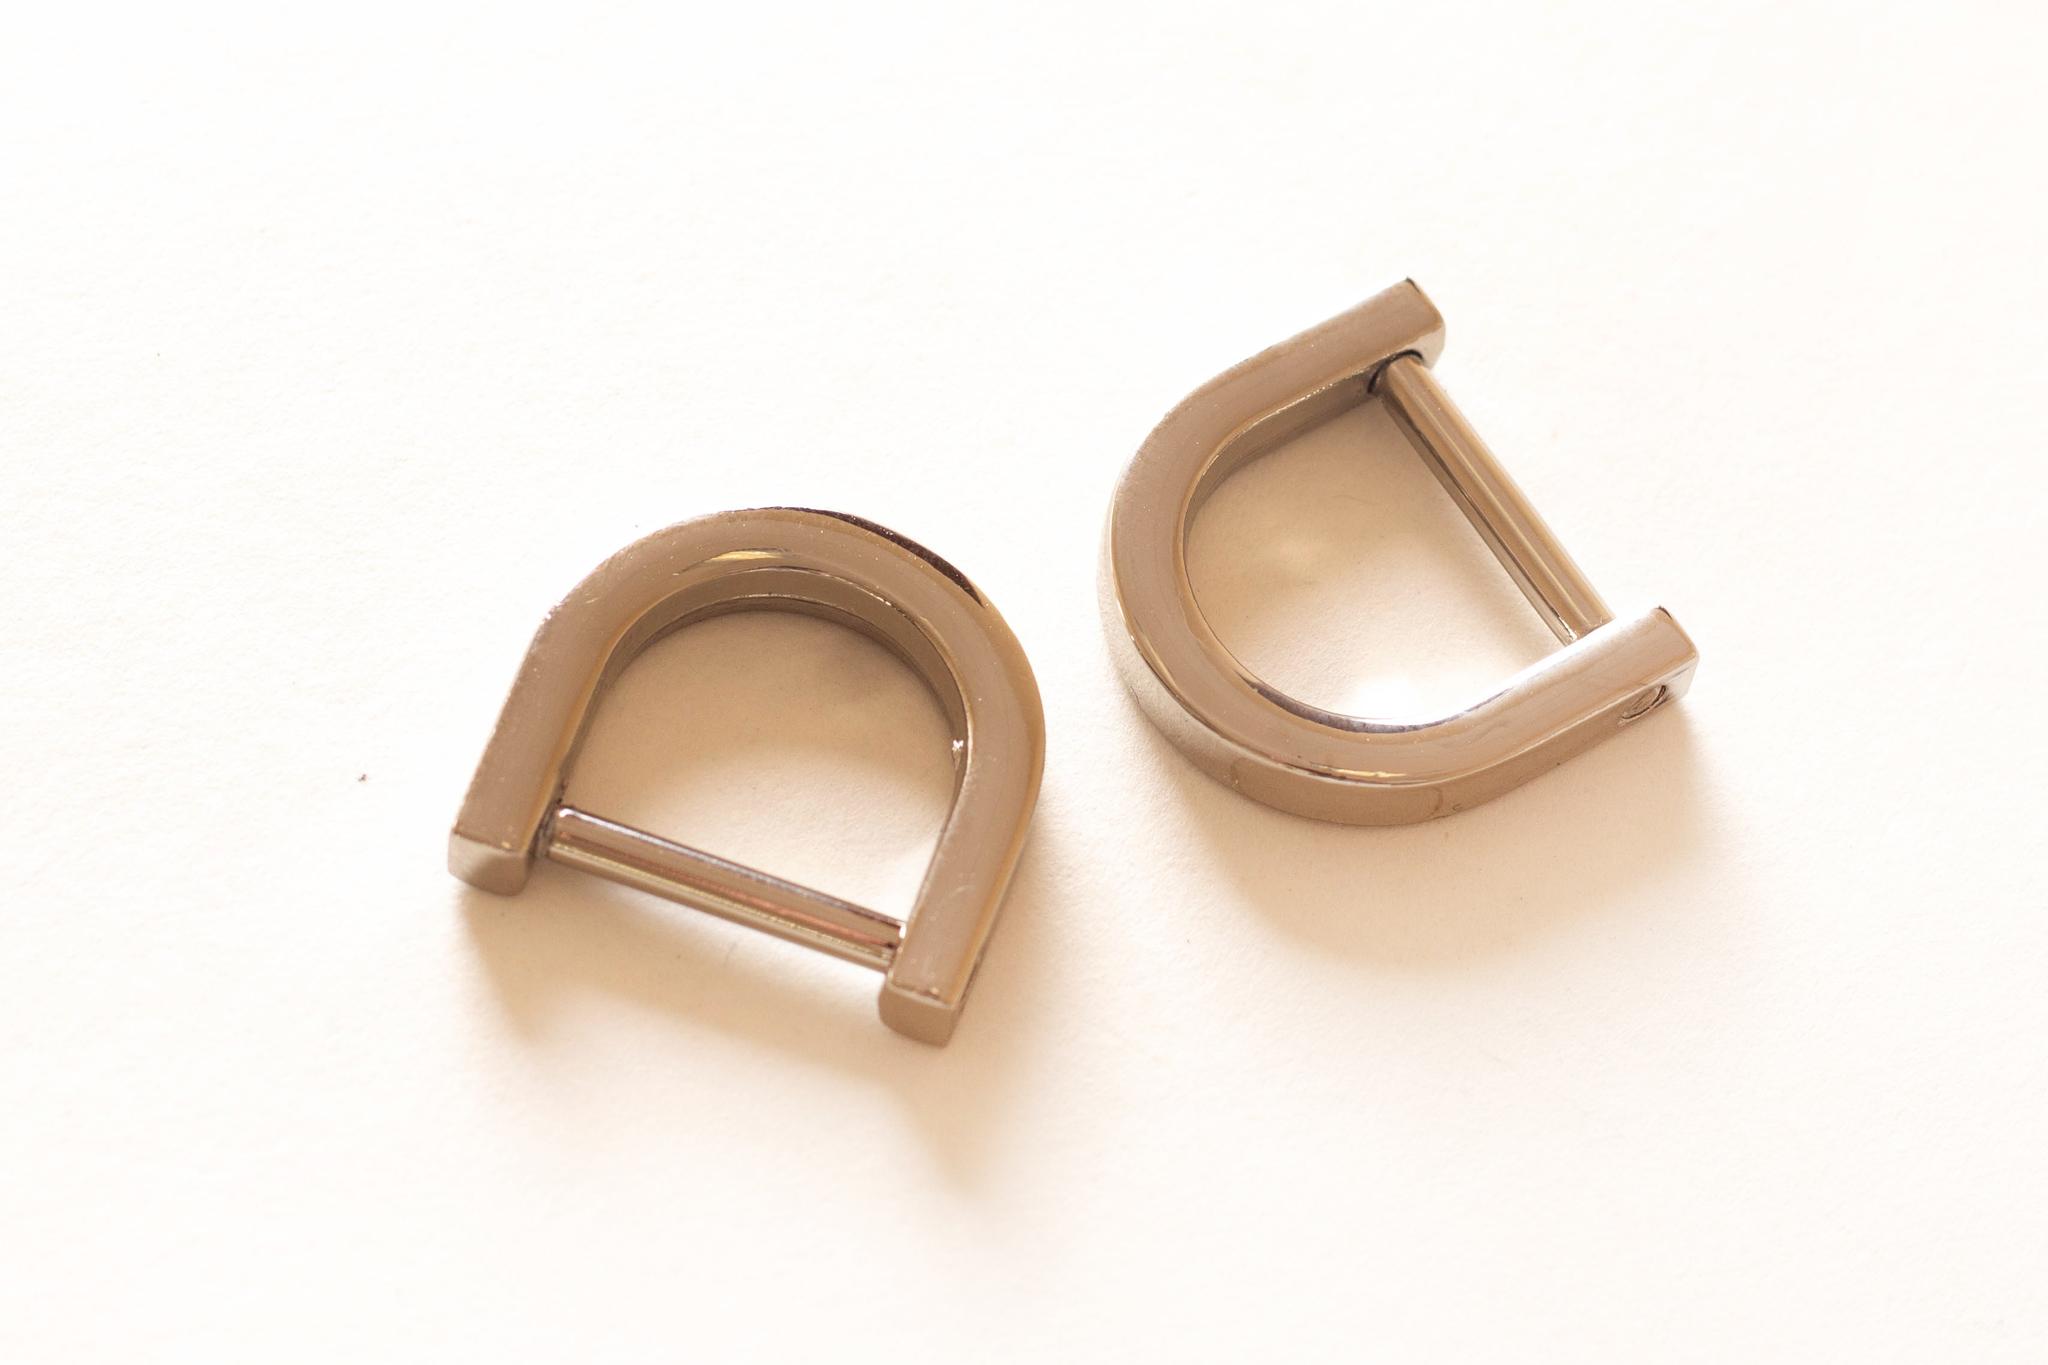 Ручкодержатель для сумки 15 мм, никель